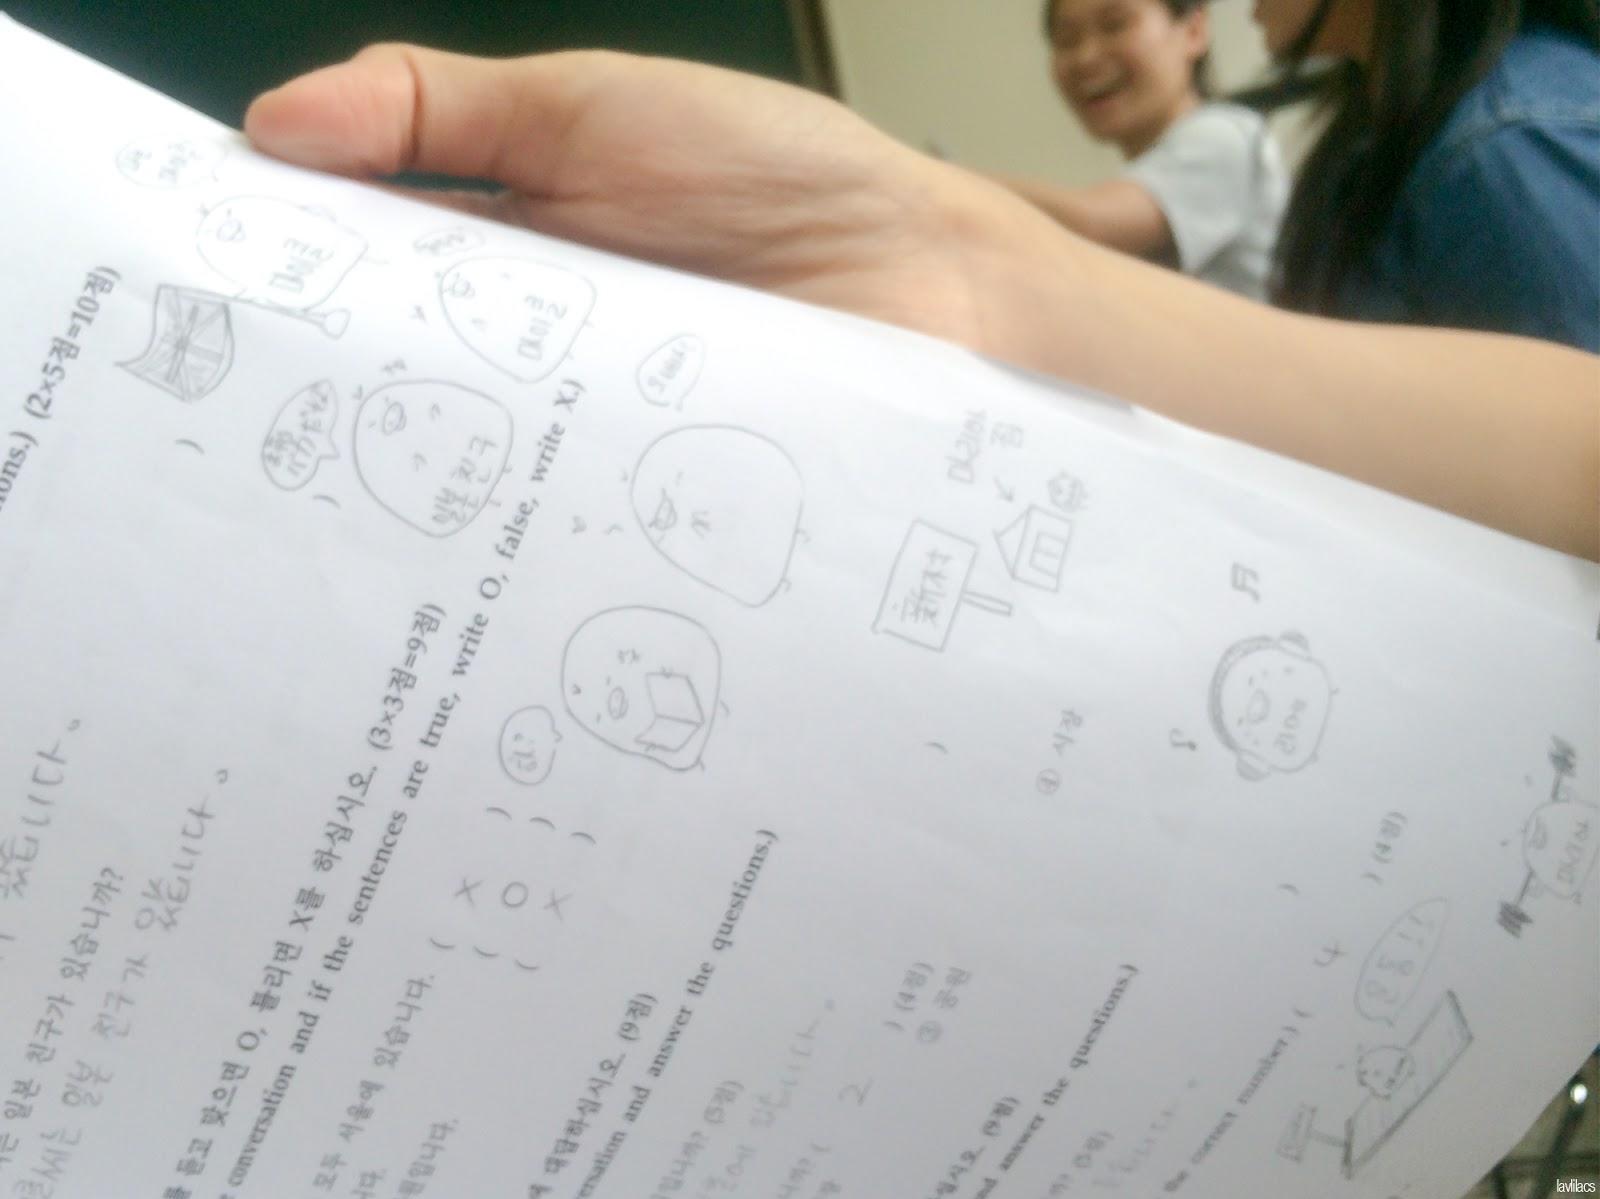 Seoul, Korea - Summer Study Abroad 2014 - KLI classmate's final written exam doodles